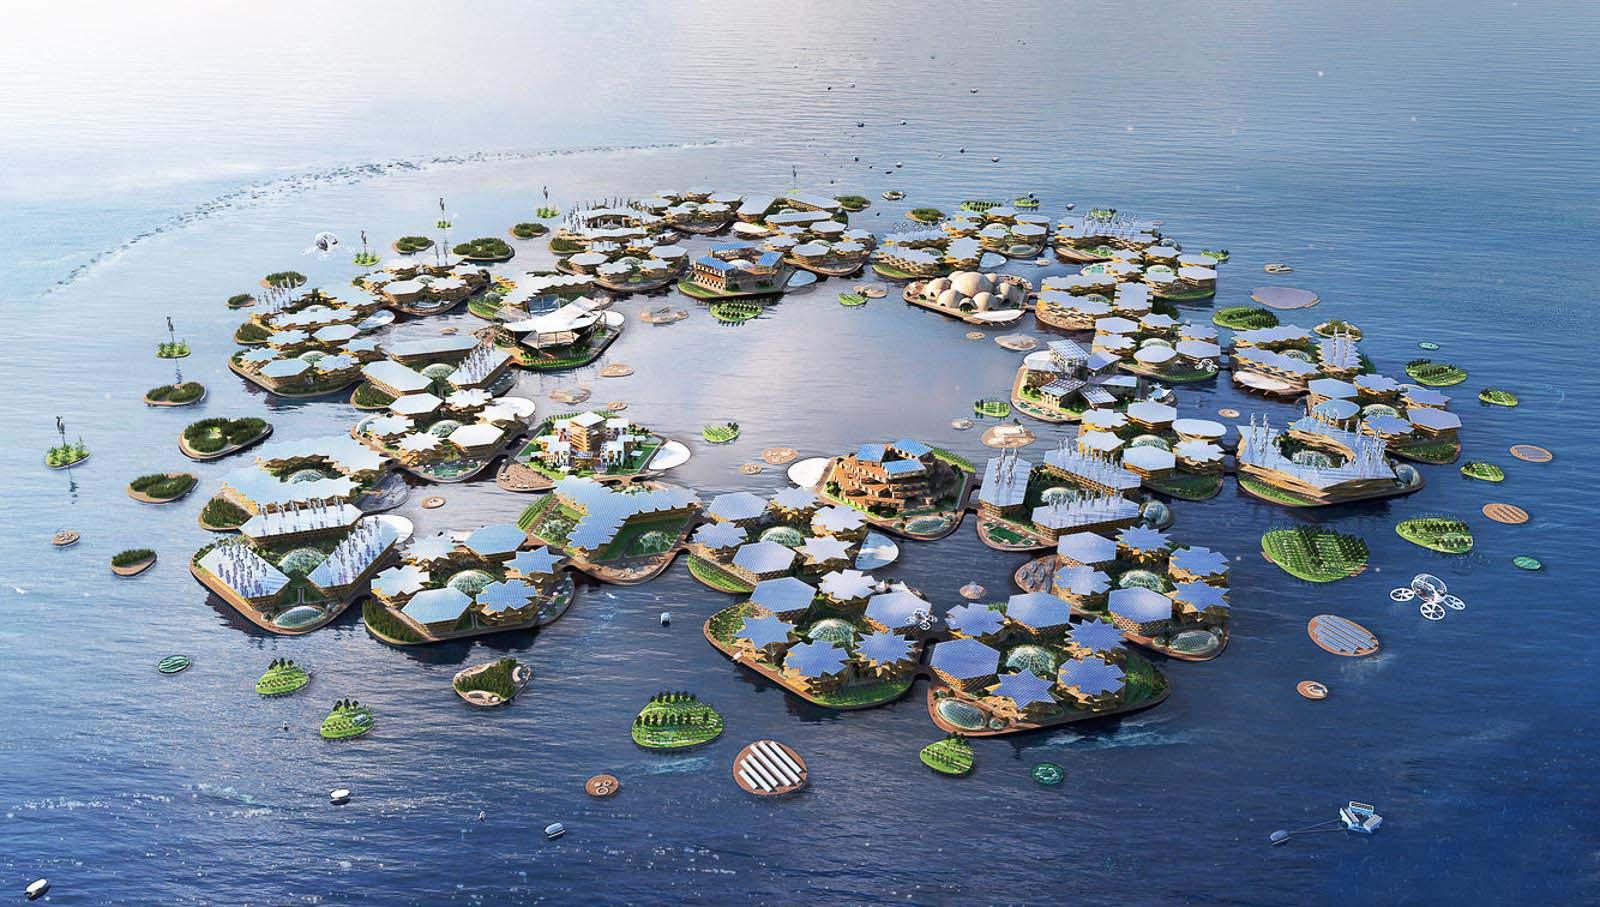 Thành phố nổi chứa 10.000 dân, không sợ bão lũ hay sóng thần